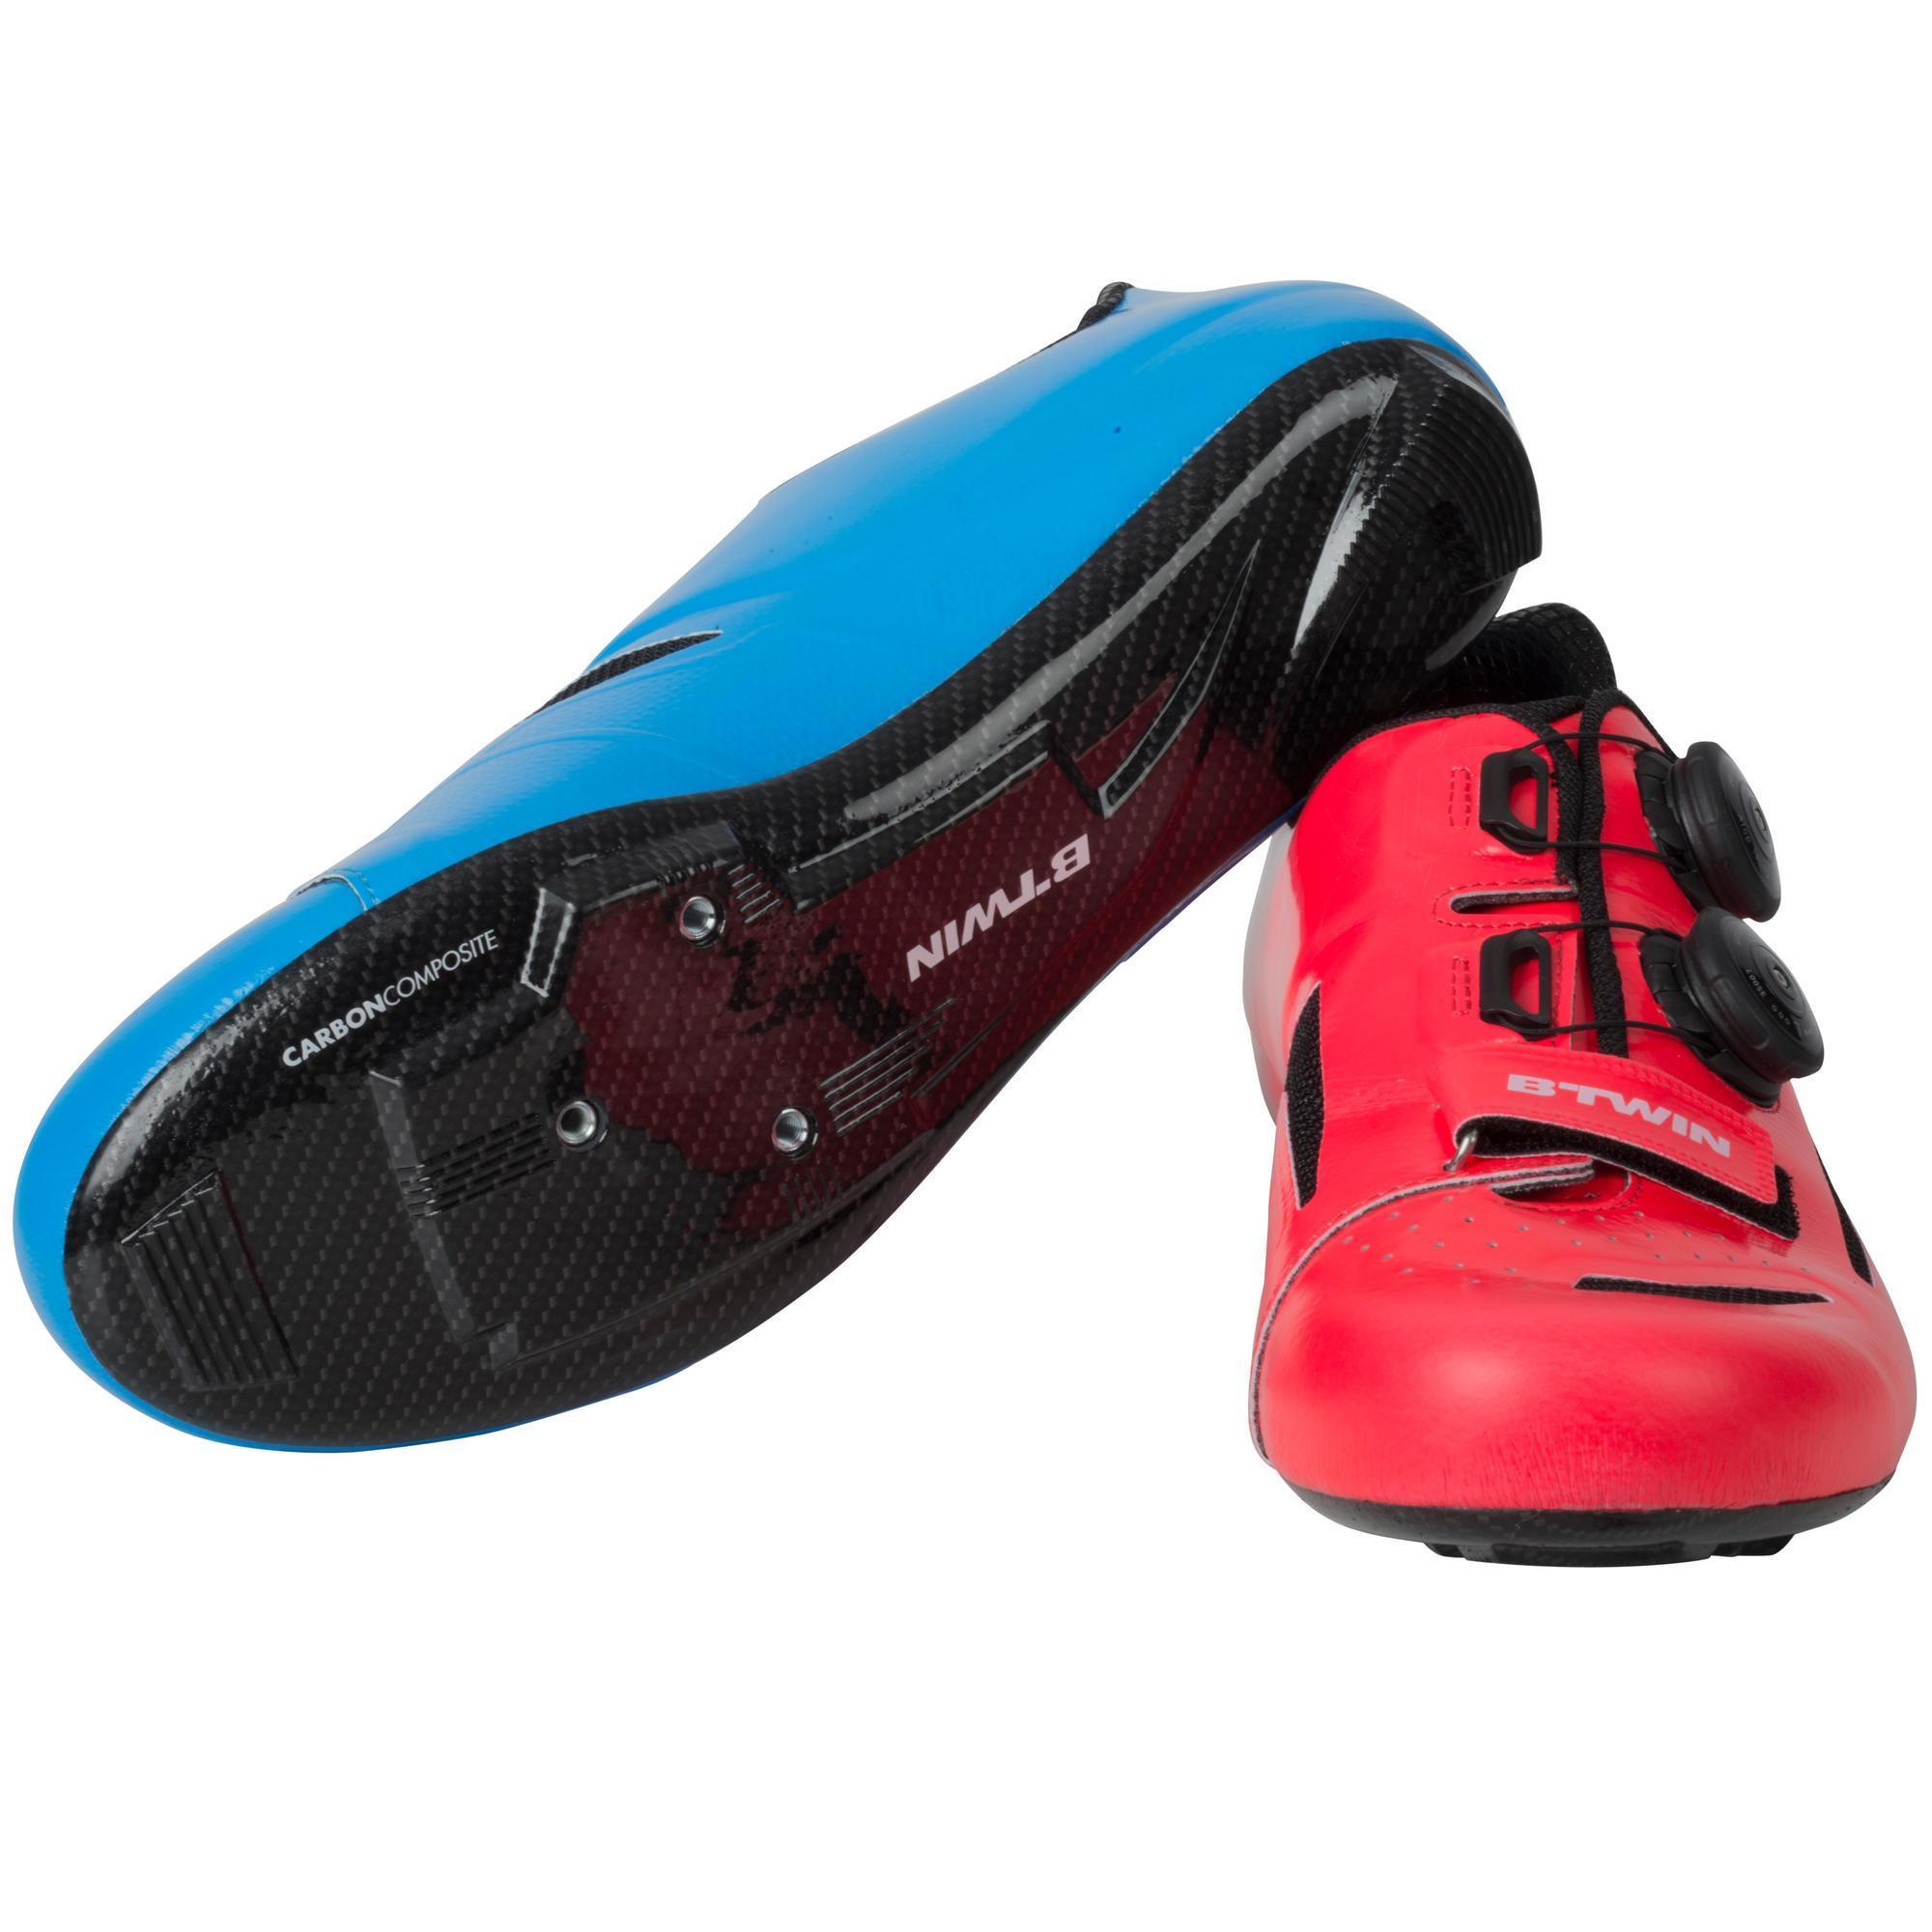 Fahrradschuhe Rennrad 900 Aerofit Carbon schwarz/blau | Schuhe > Sportschuhe > Fahrradschuhe | Rot - Rosa - Blau - Türkis | B´twin